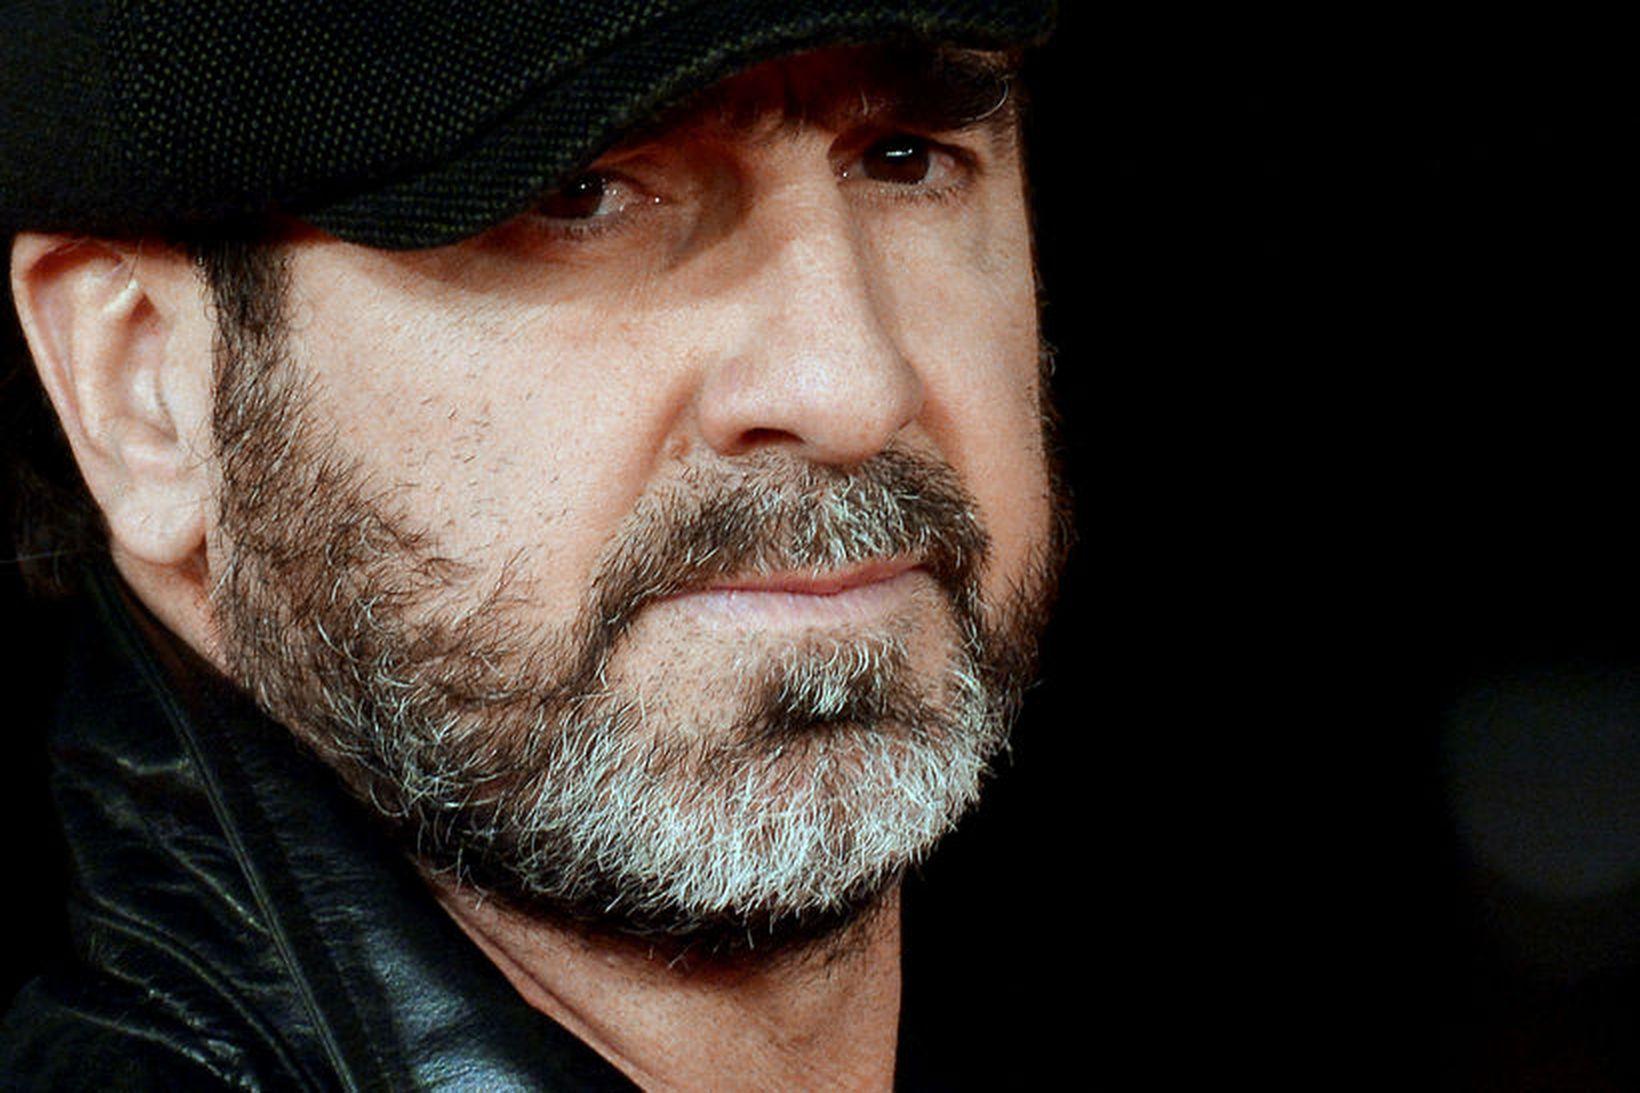 Eric Cantona er nýjasti leikmaðurinn í frægðarhöll ensku úrvalsdeildarinnar.